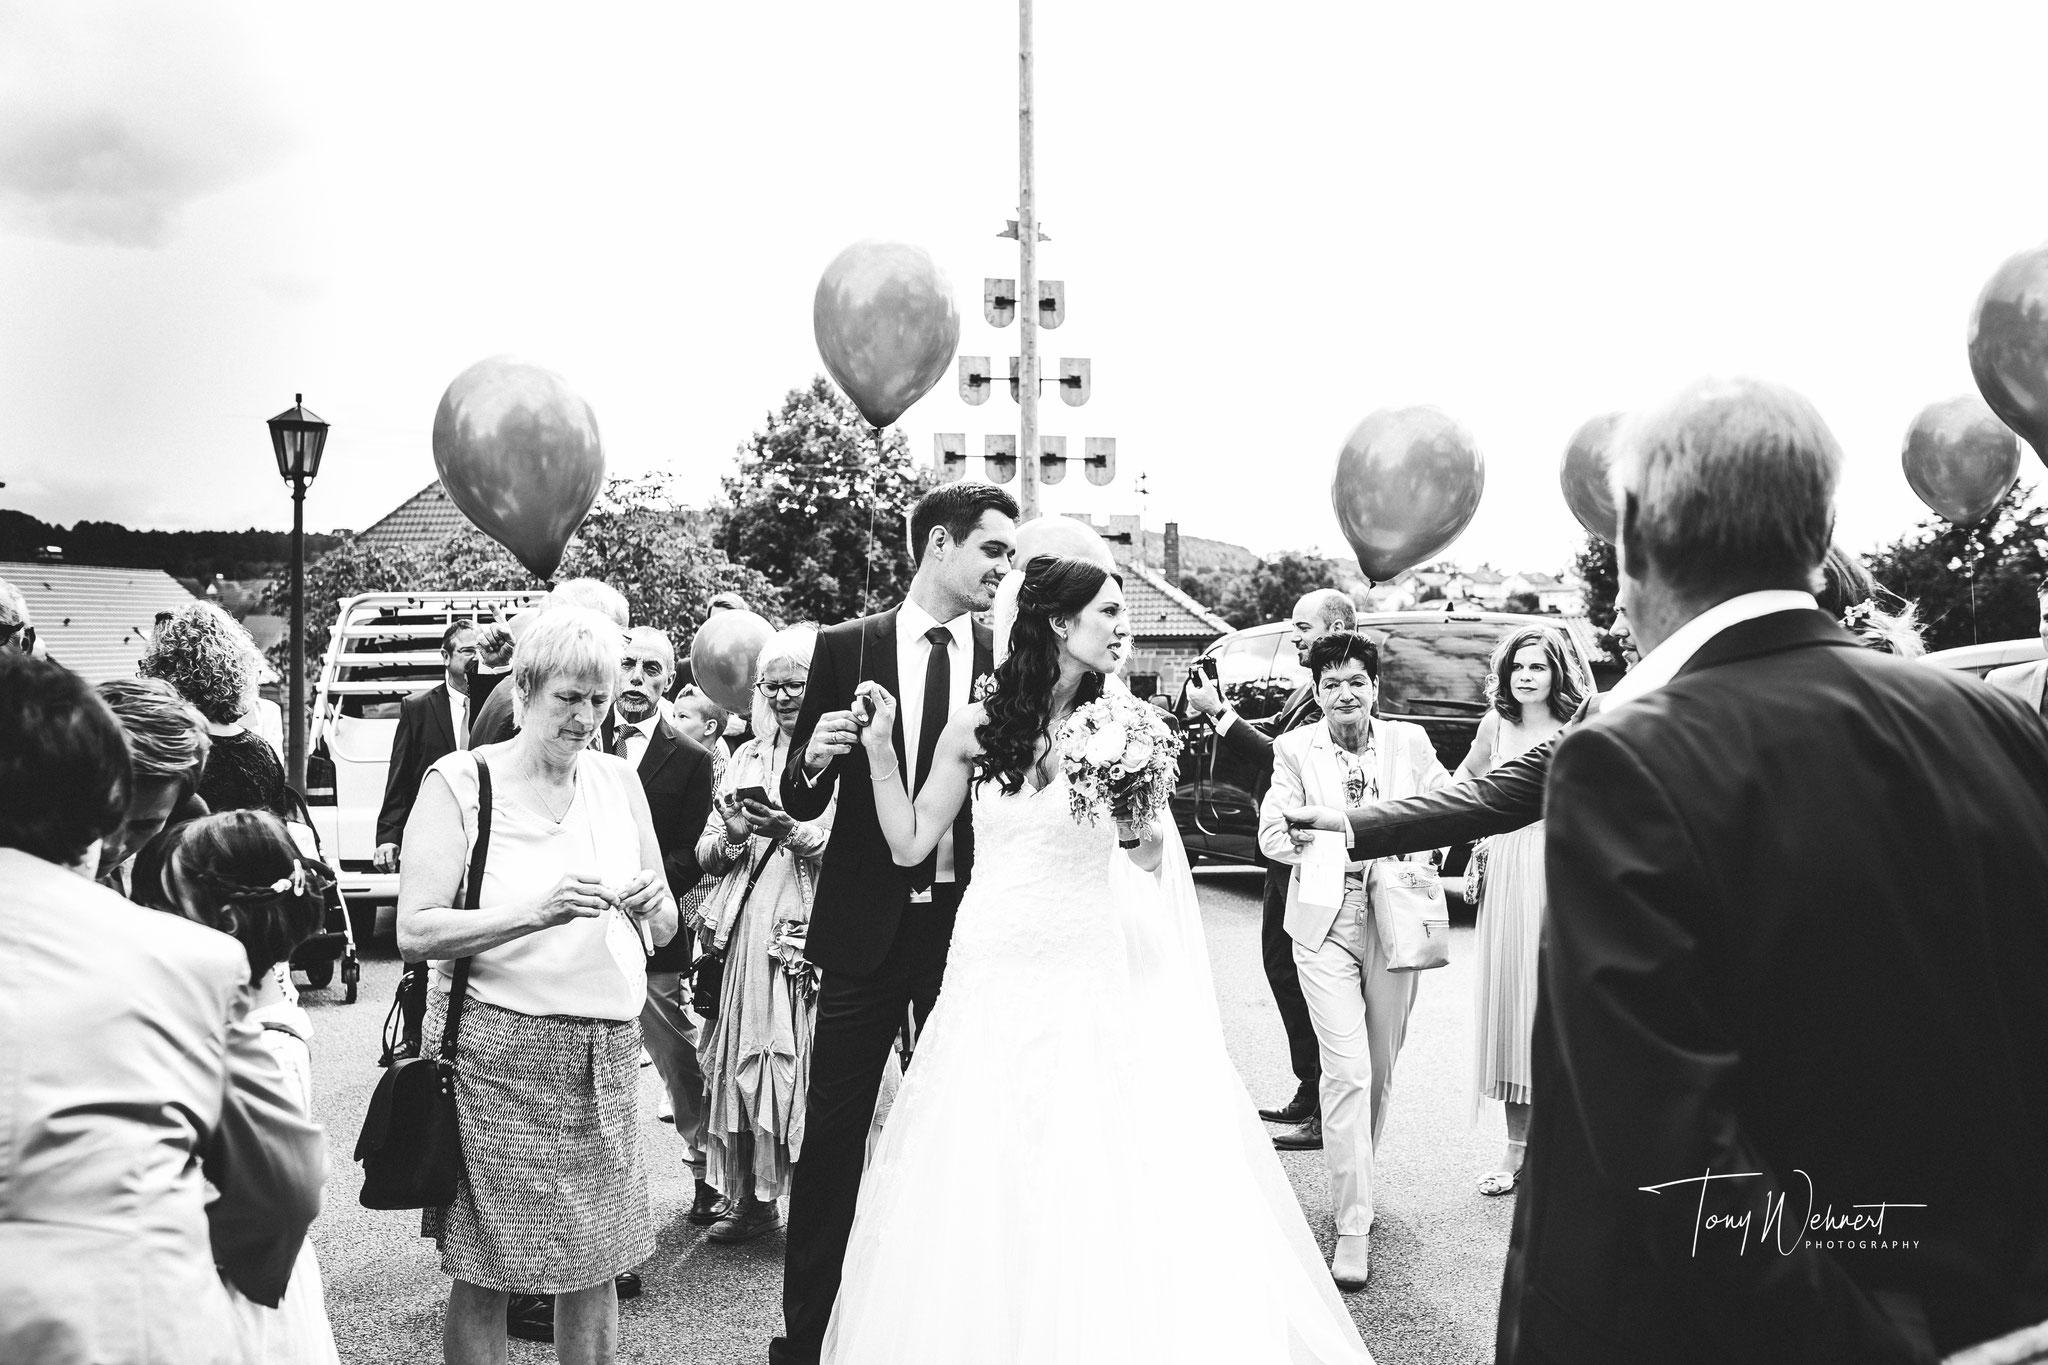 Hochzeitsspiele auf einer tollen Hochzeit eines jungen Paars